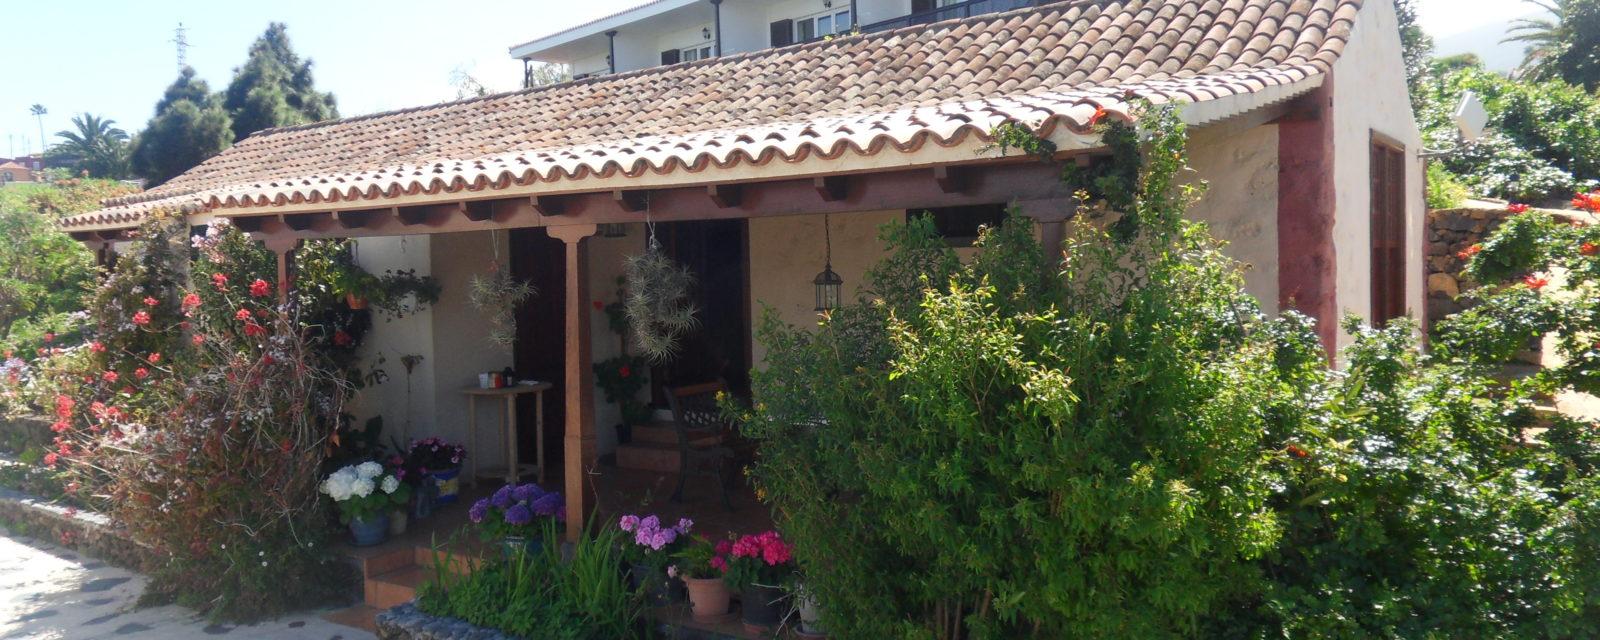 La Palma - Casa Gron - View